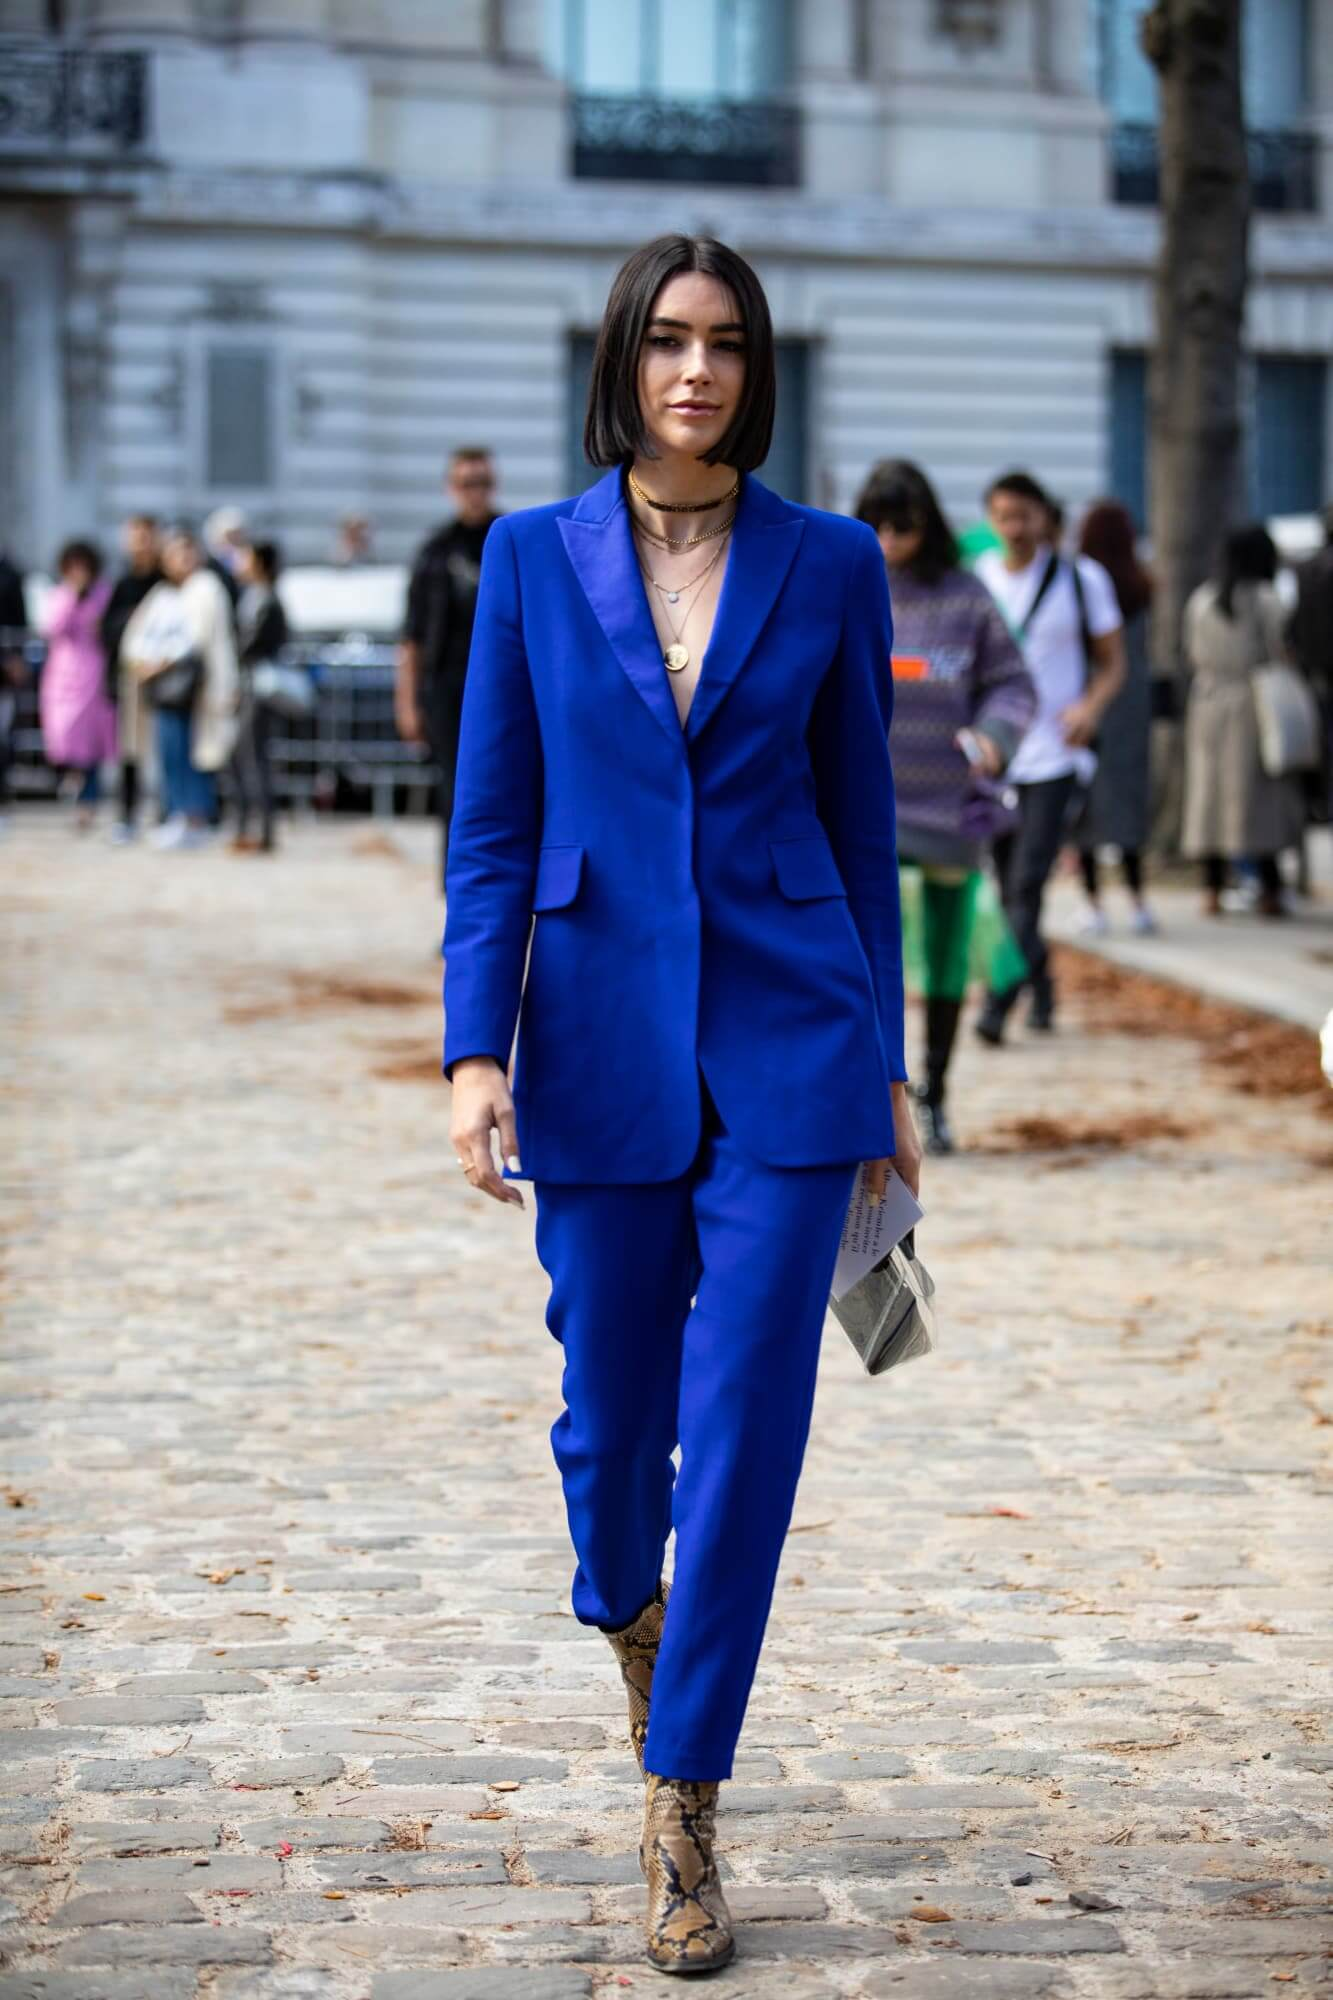 paris-fashion-week-spring-2019-street-style-day-7-109